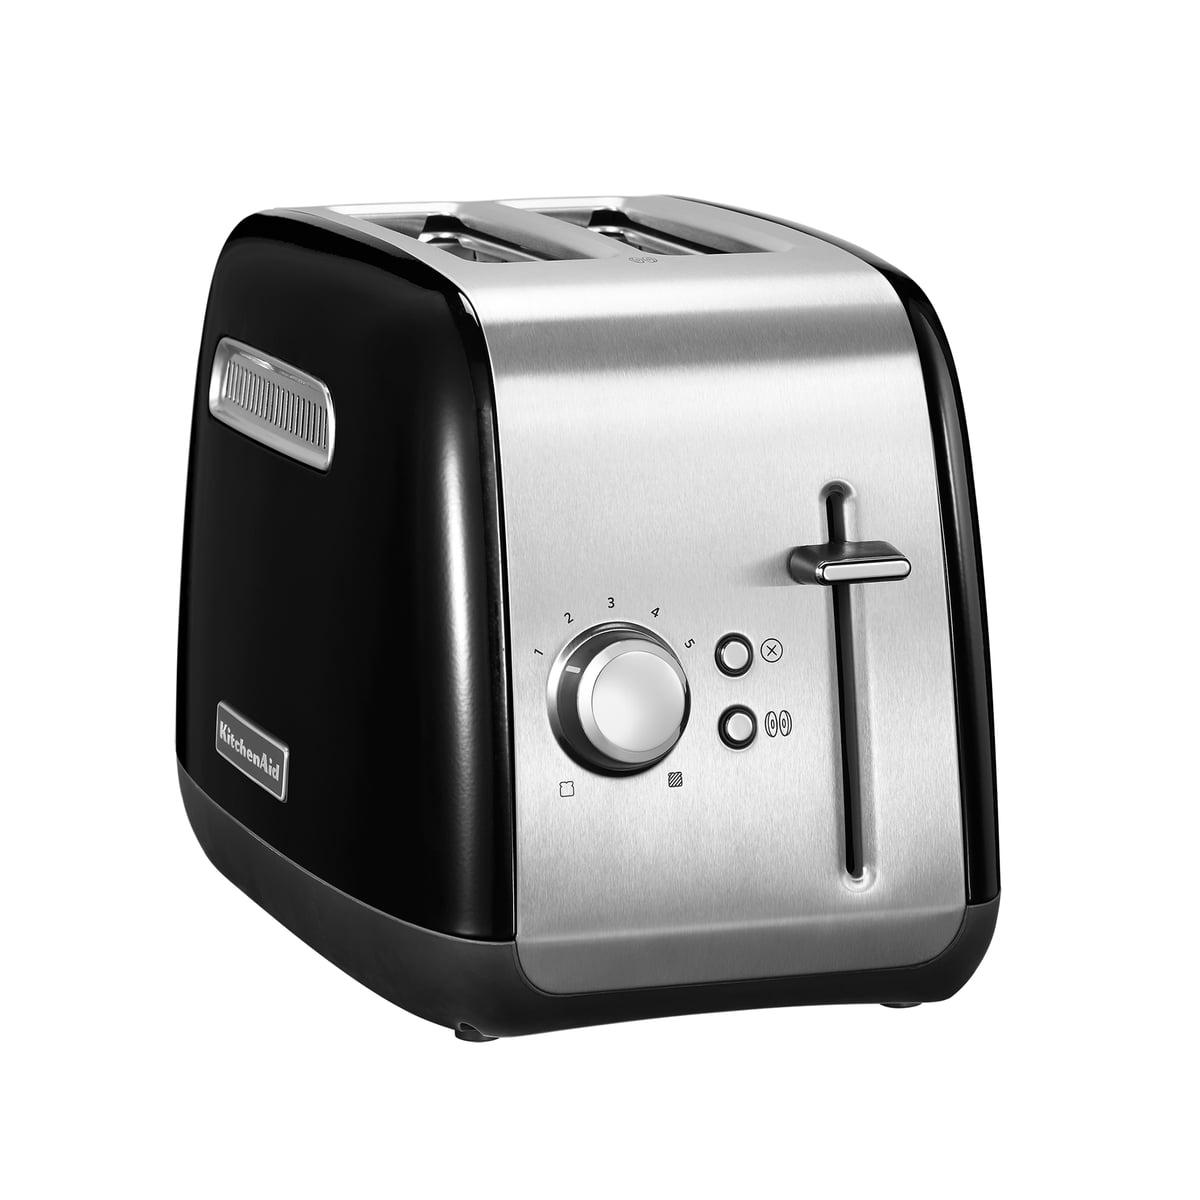 Kitchen Aid KitchenAid - Toaster Classic 5KMT2115, 2 Scheiben, onyx schwarz   Küche und Esszimmer > Küchengeräte > Toaster   Schwarz   Ganzmetallgehäuse   Kitchen Aid